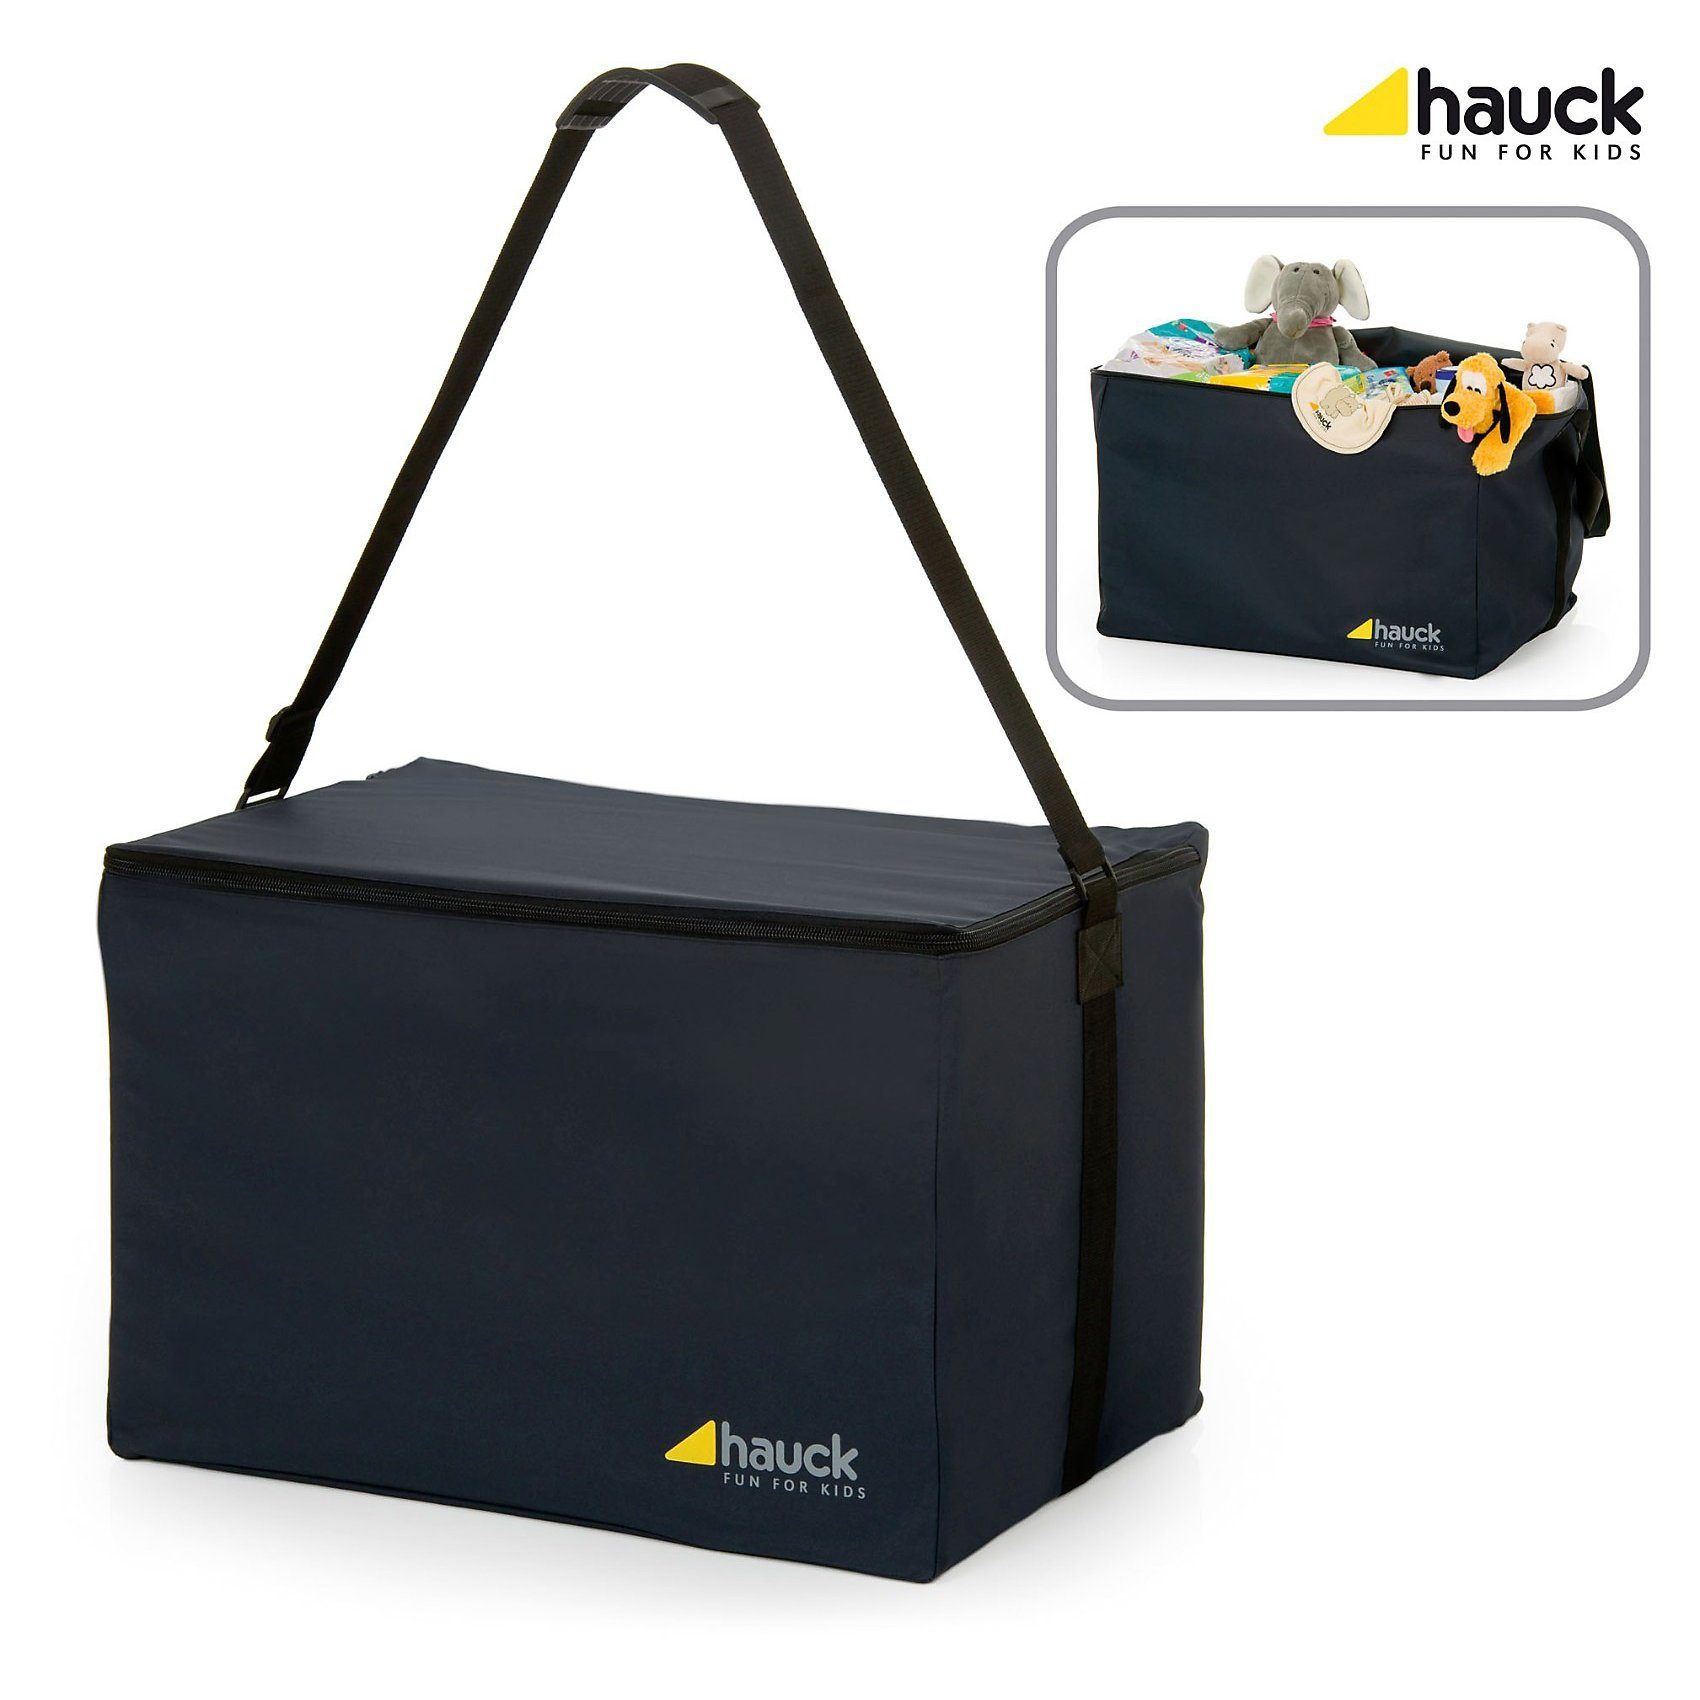 Hauck Reisetasche Carry me